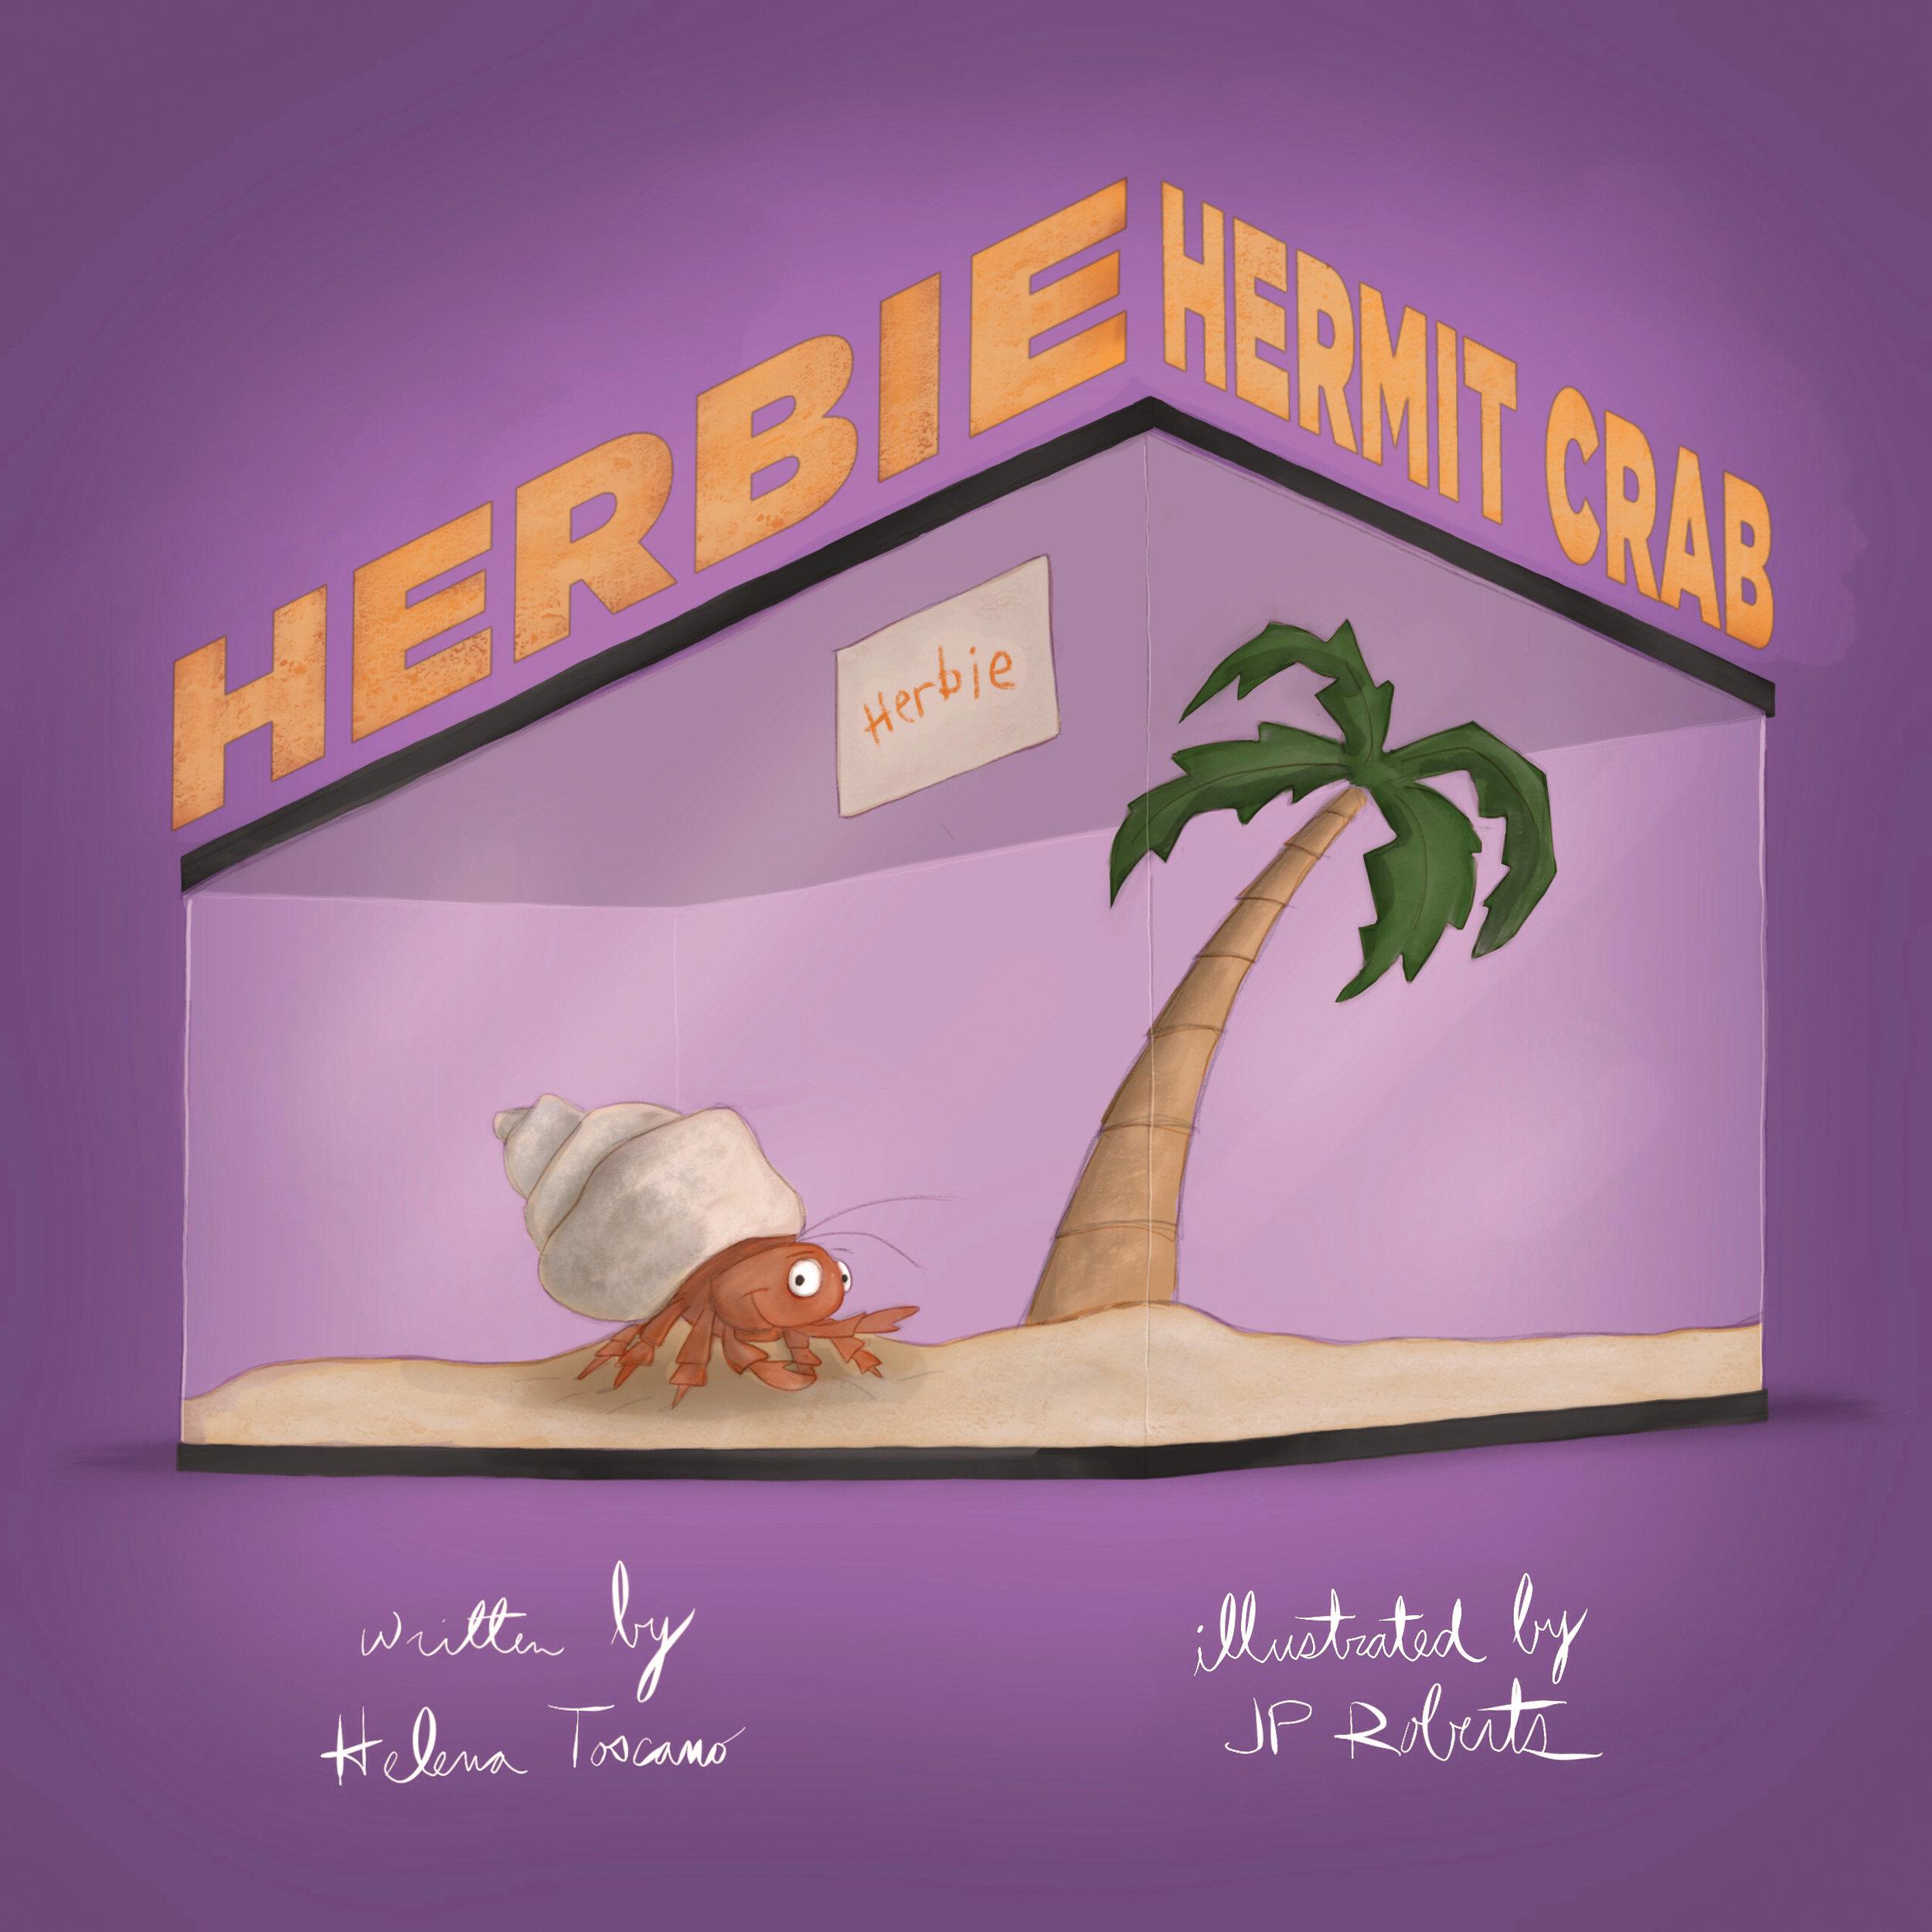 HerbieHermitCrab_JPRoberts.jpg